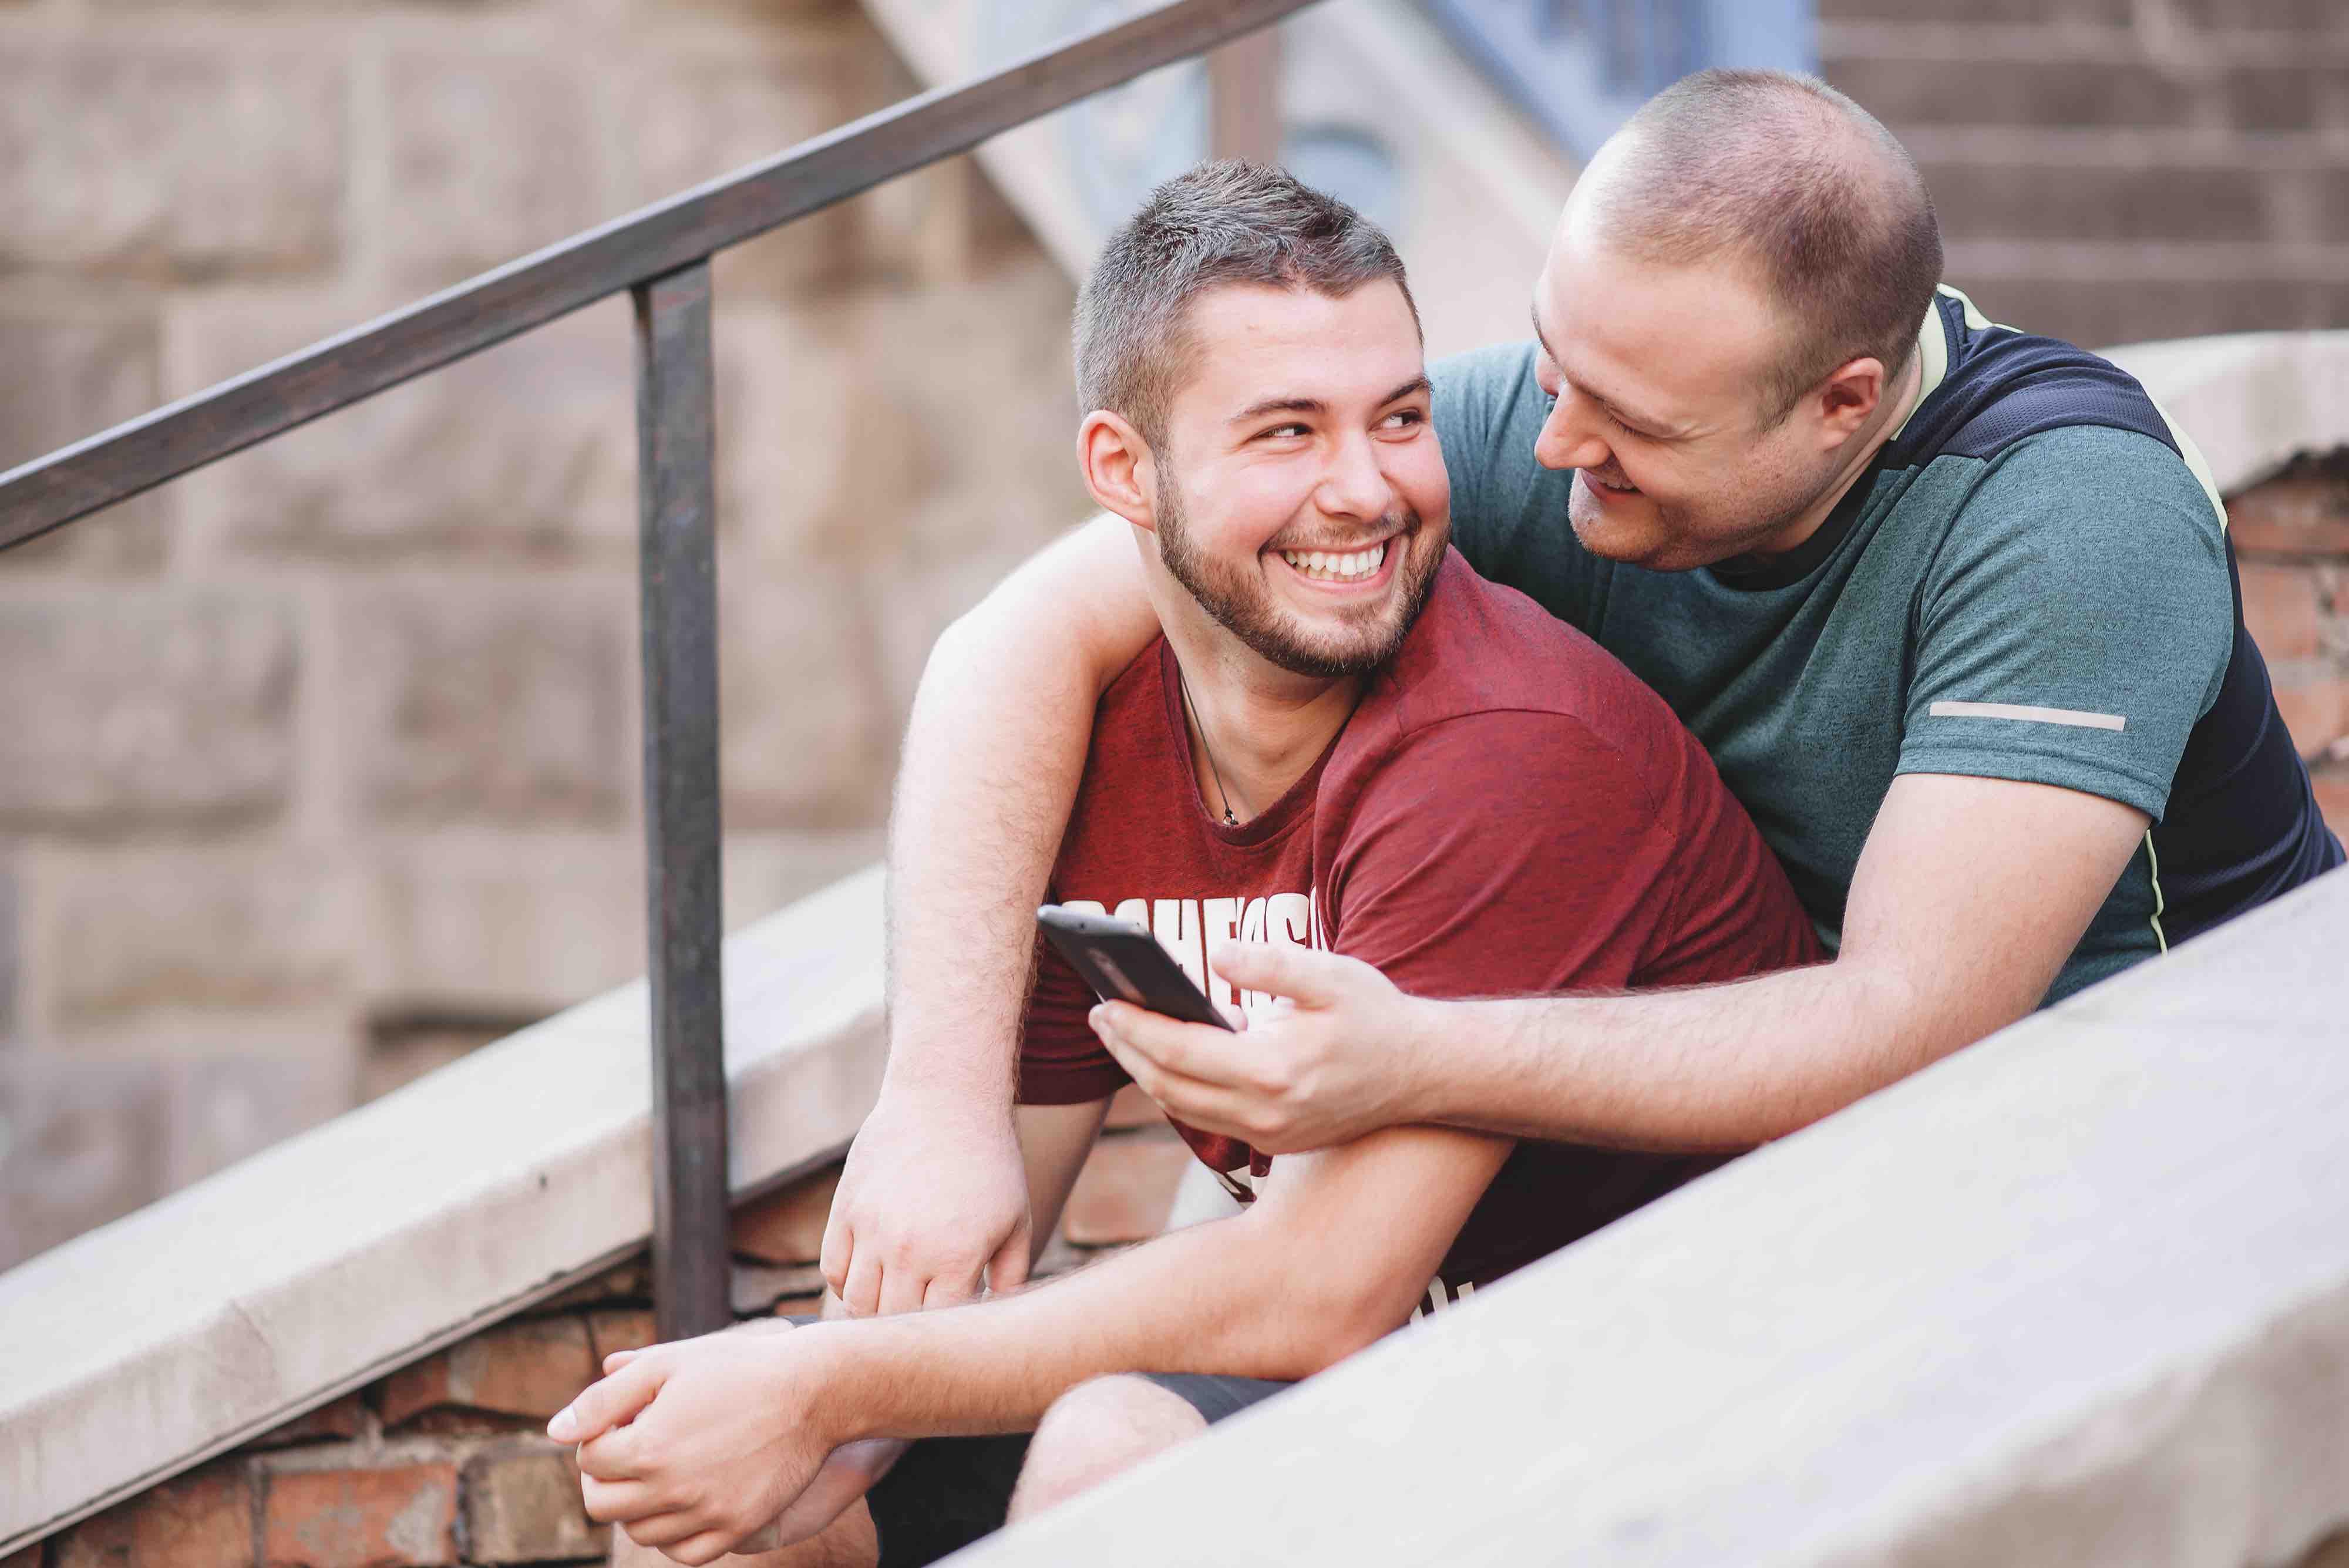 amici dopo incontri gay